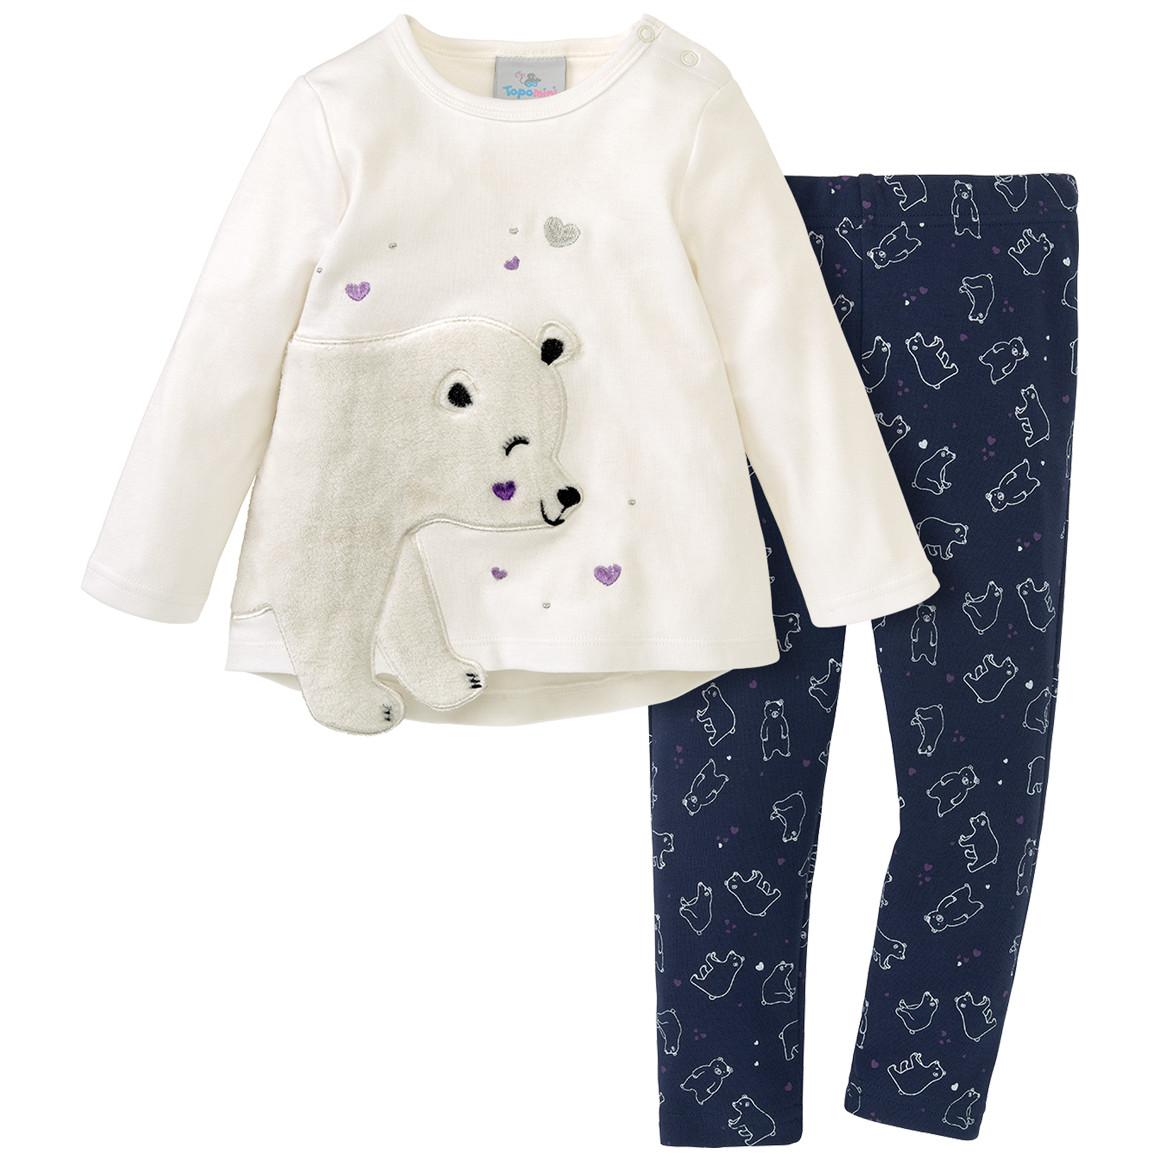 Babywaesche - Baby Schlafanzug mit Eisbär Motiv - Onlineshop Ernstings family